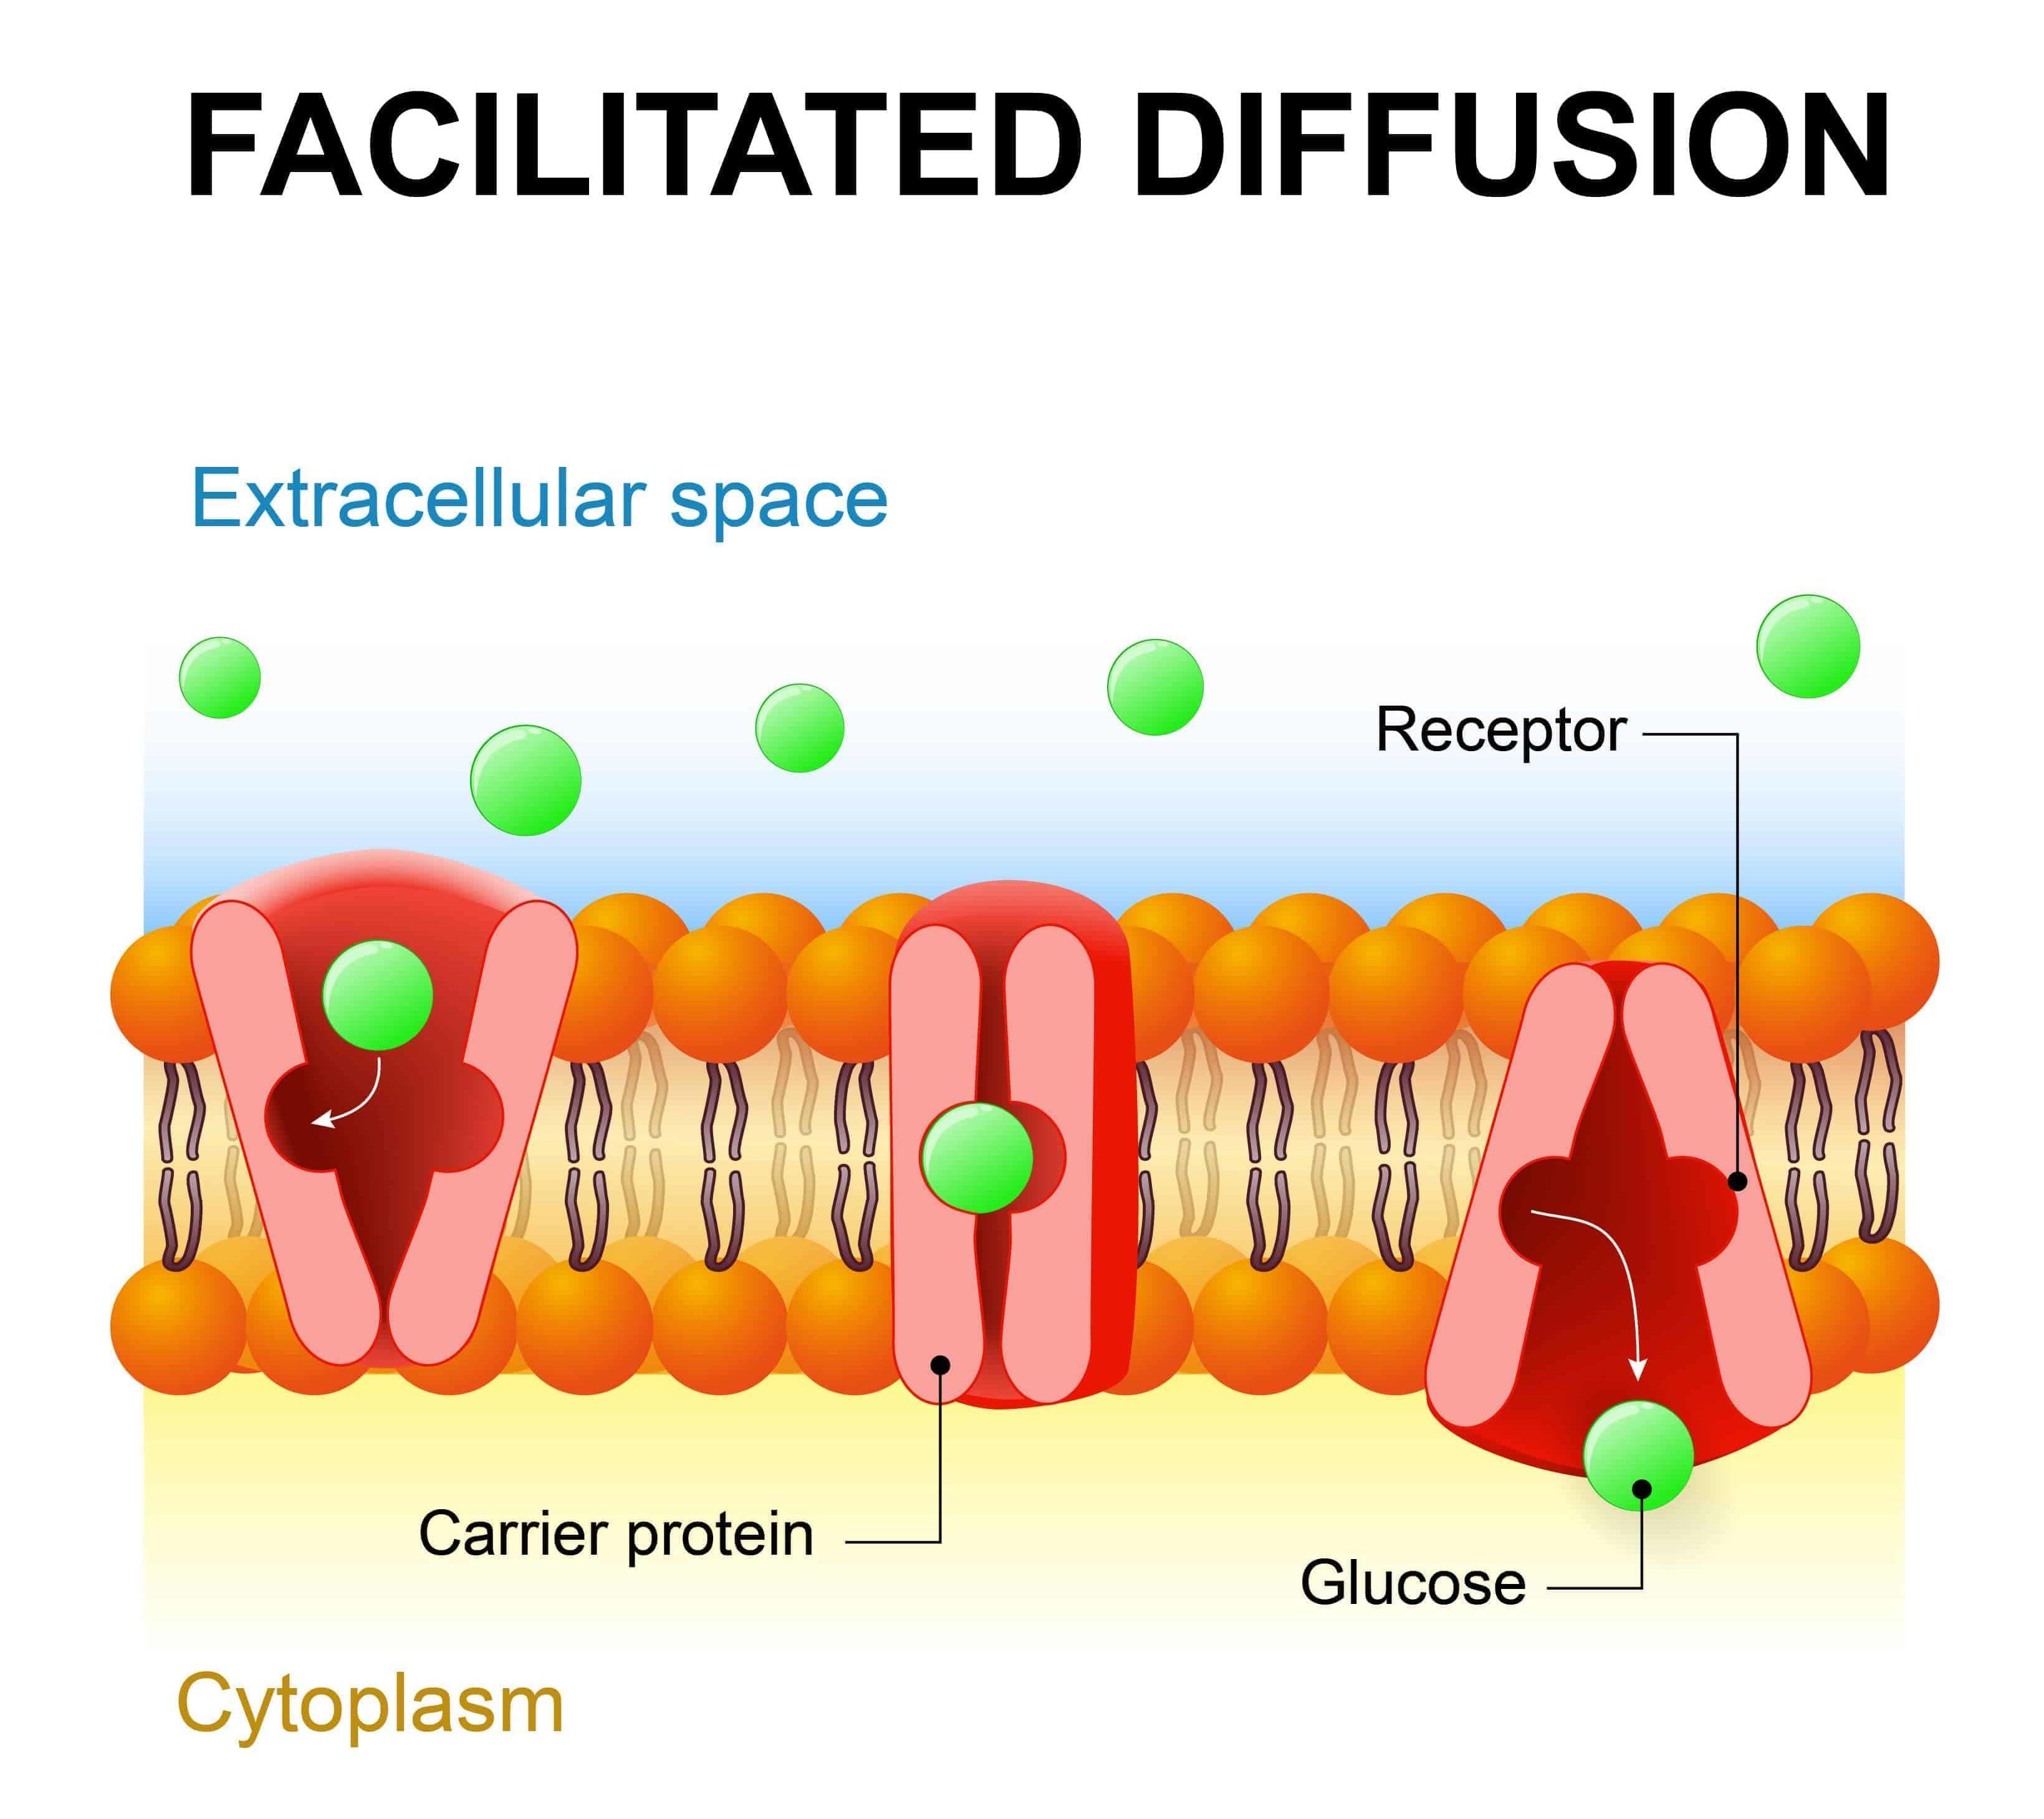 Illustration of Facilitated Diffusion